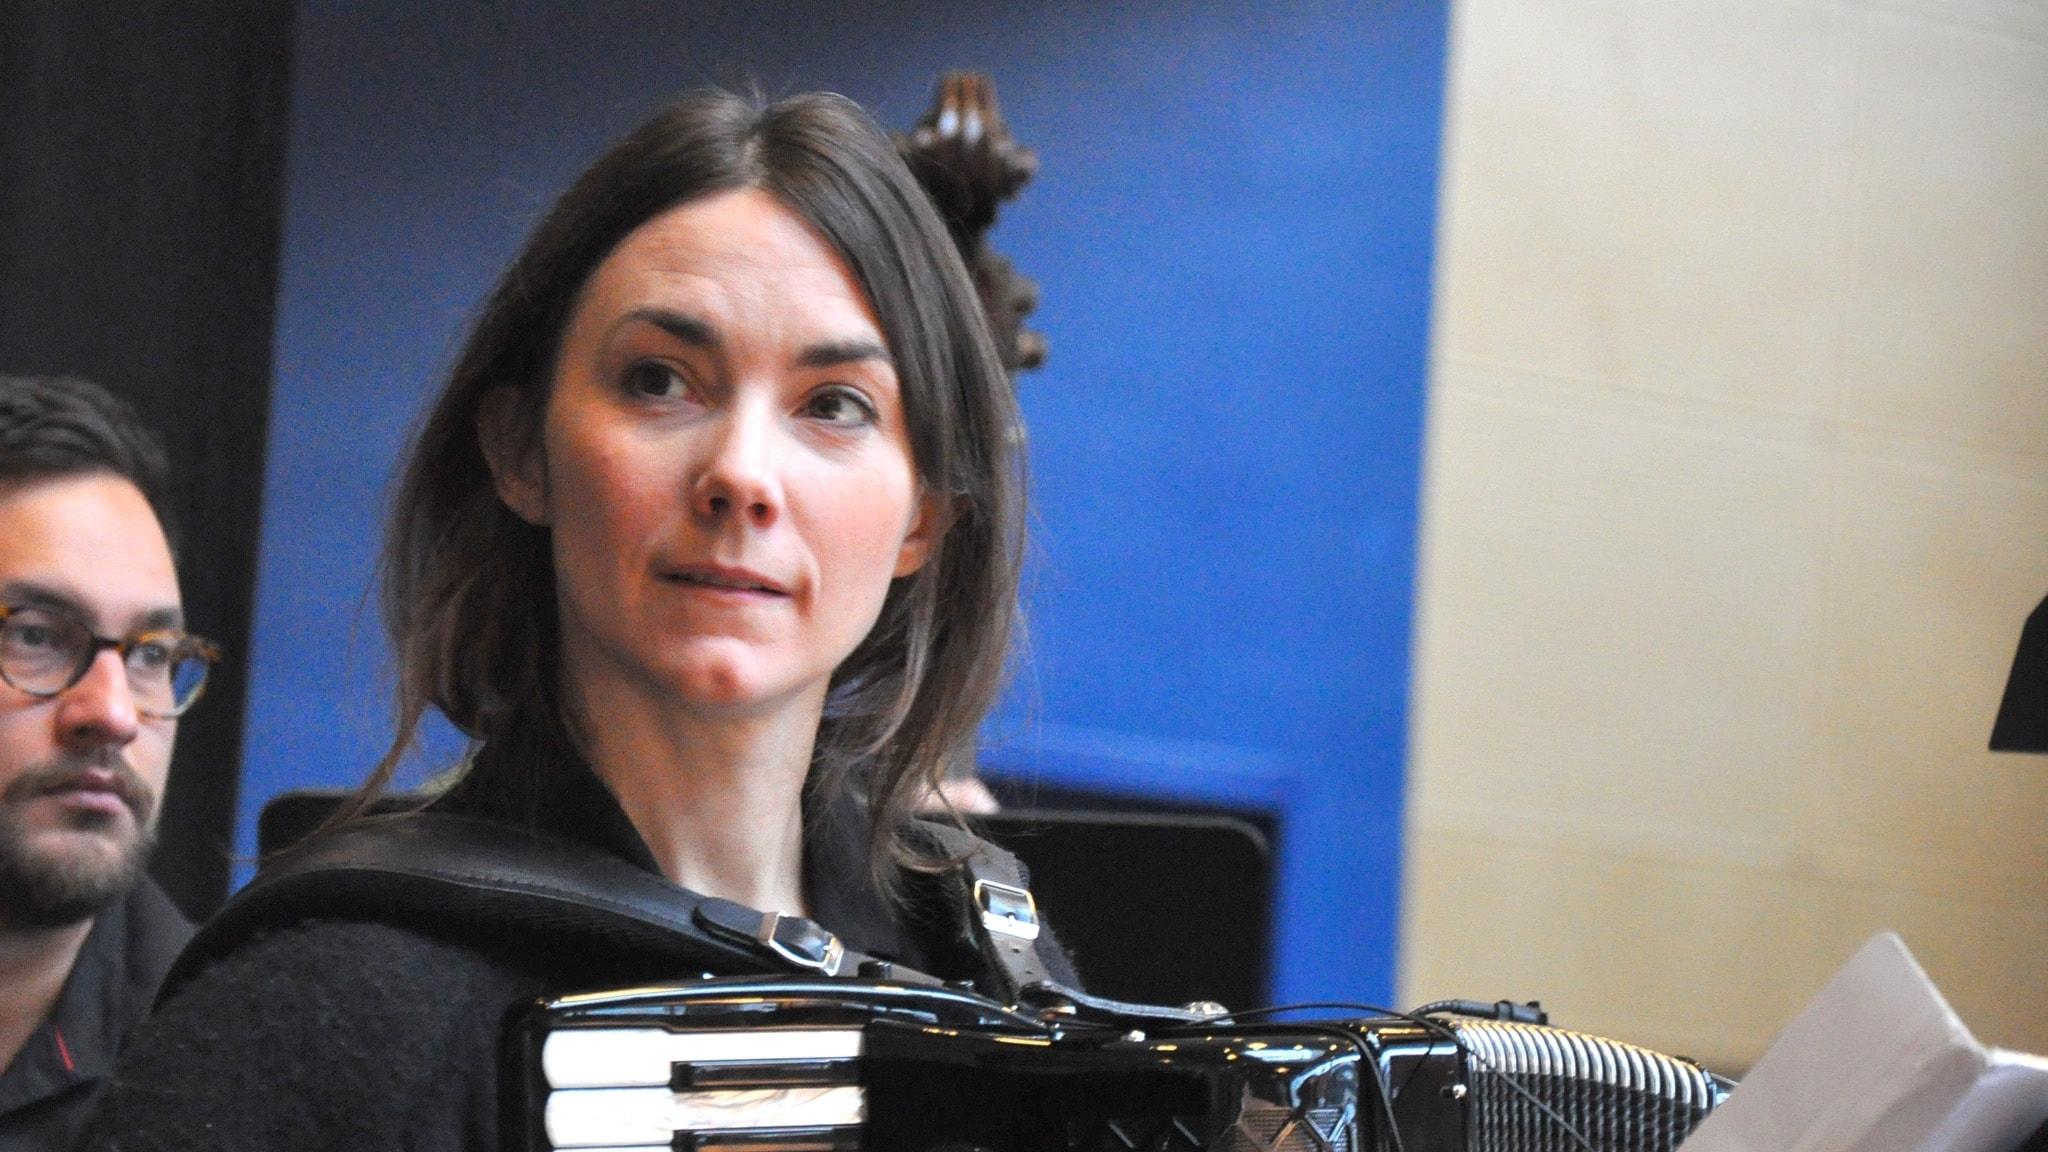 KONSERT: Lisa Långbacka och Musica Vitae + Norska sextetten Musicus